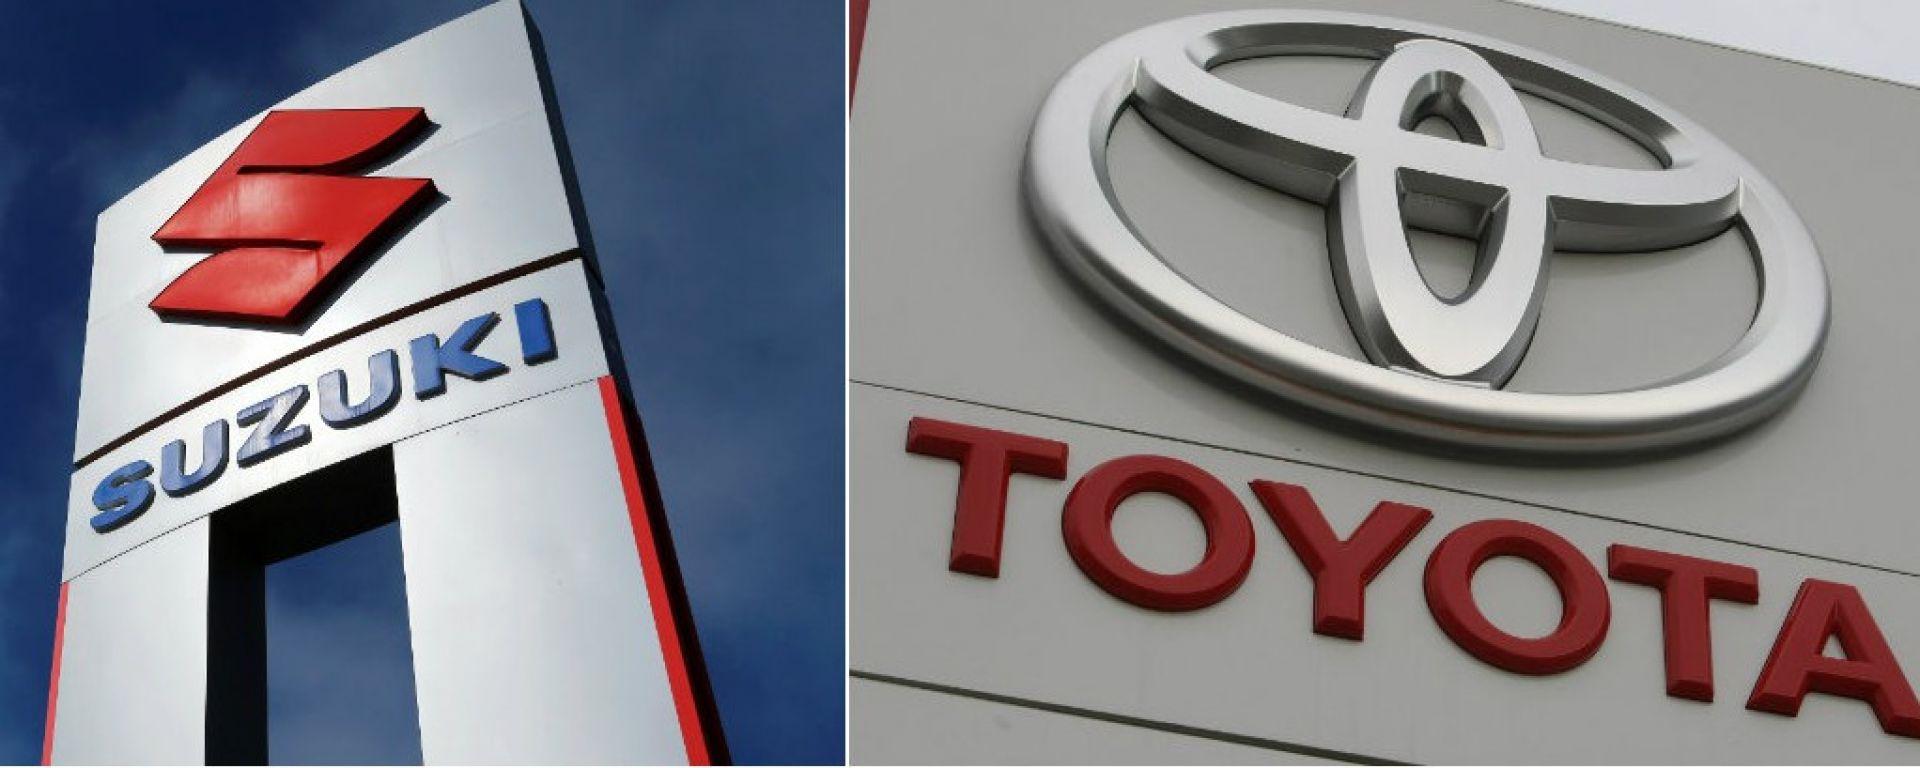 Toyota e Suzuki: sancita un'alleanza verso la guida autonoma